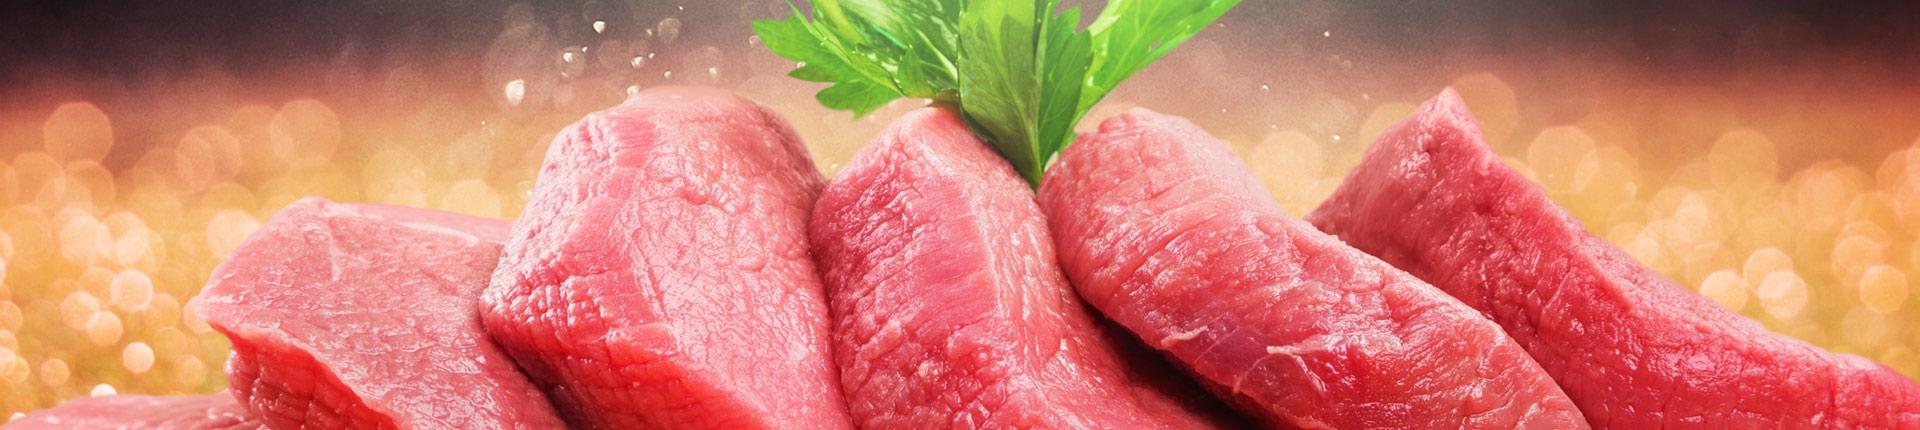 Czerwone mięso: zdrowe czy niezdrowe? Jeść czy unikać?